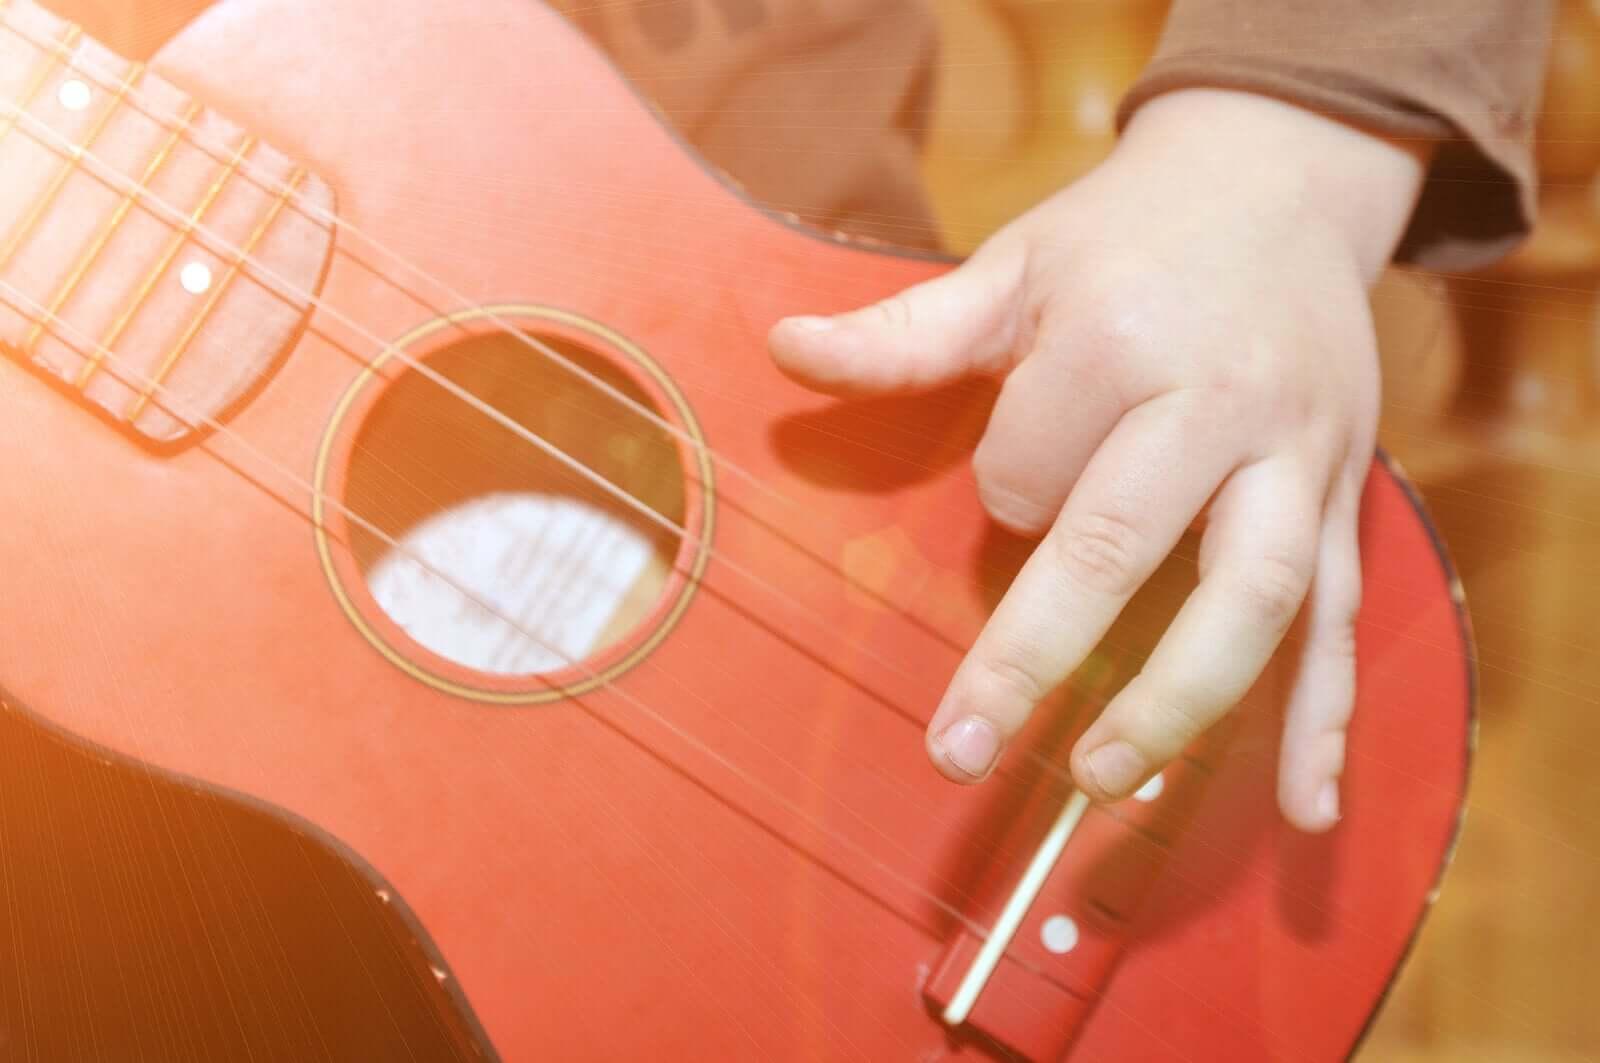 o treinamento musical